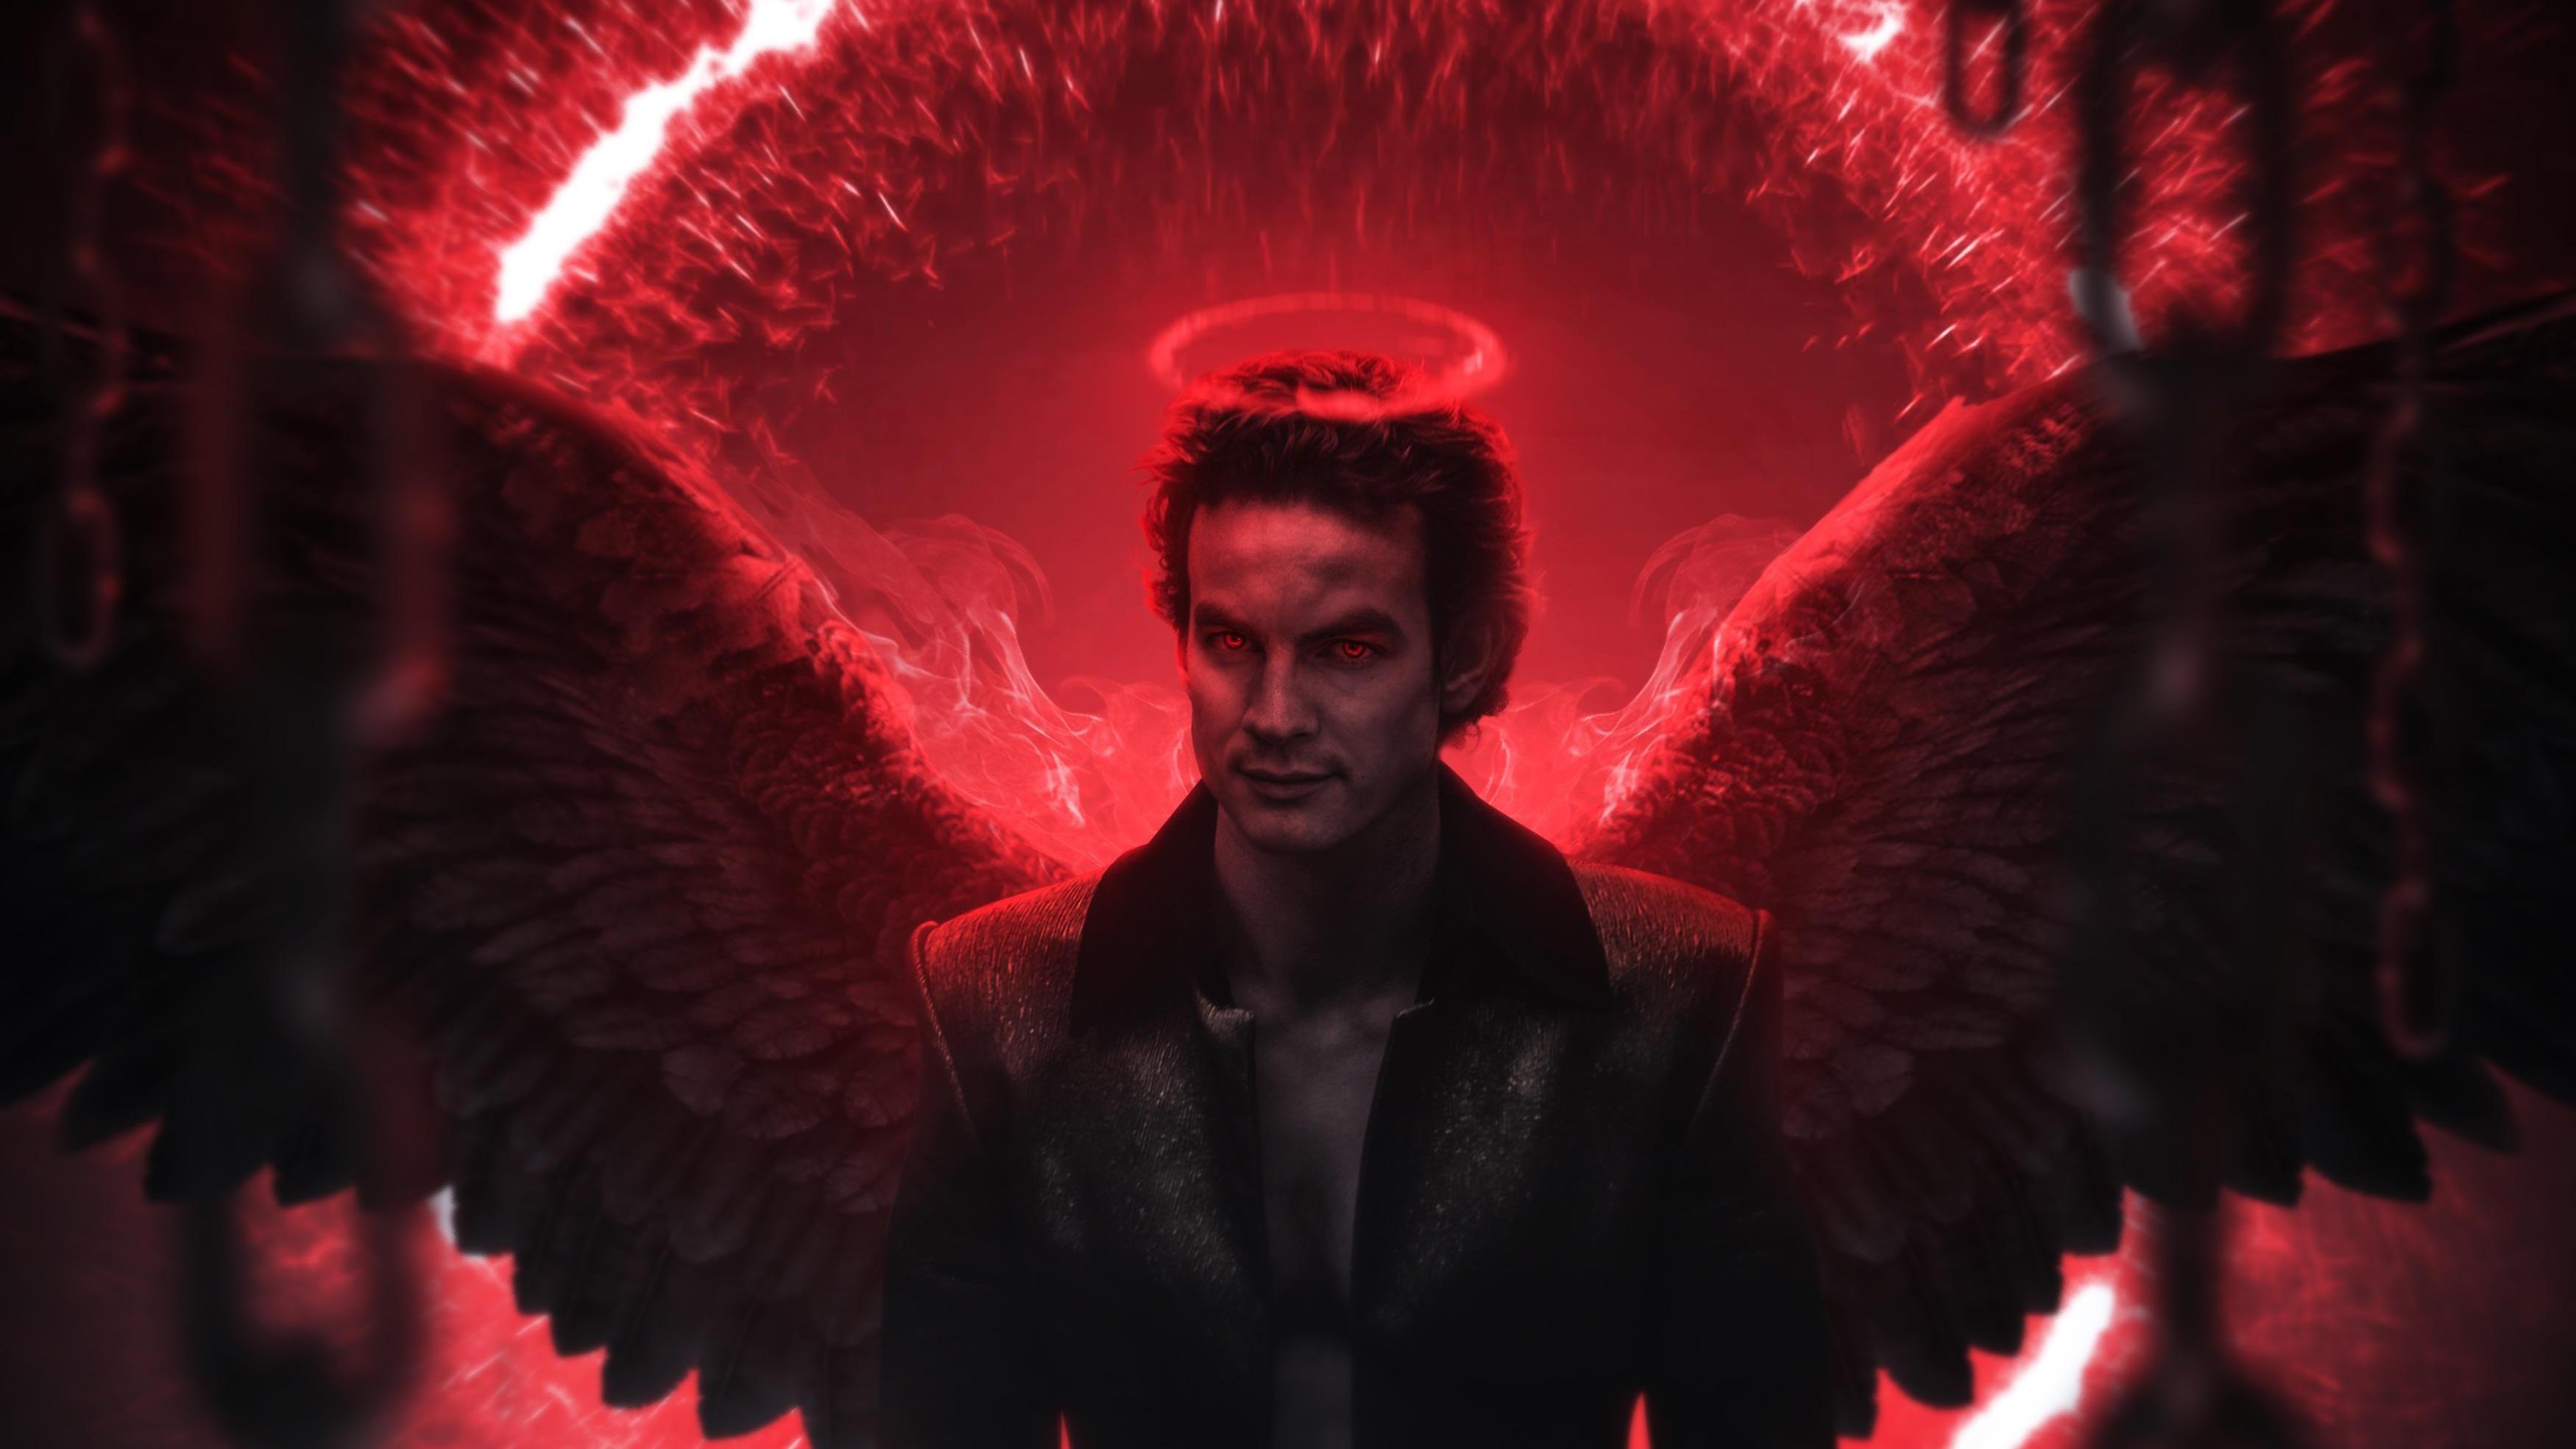 Lucifer Digital Art 4k, HD Superheroes, 4k Wallpapers ...